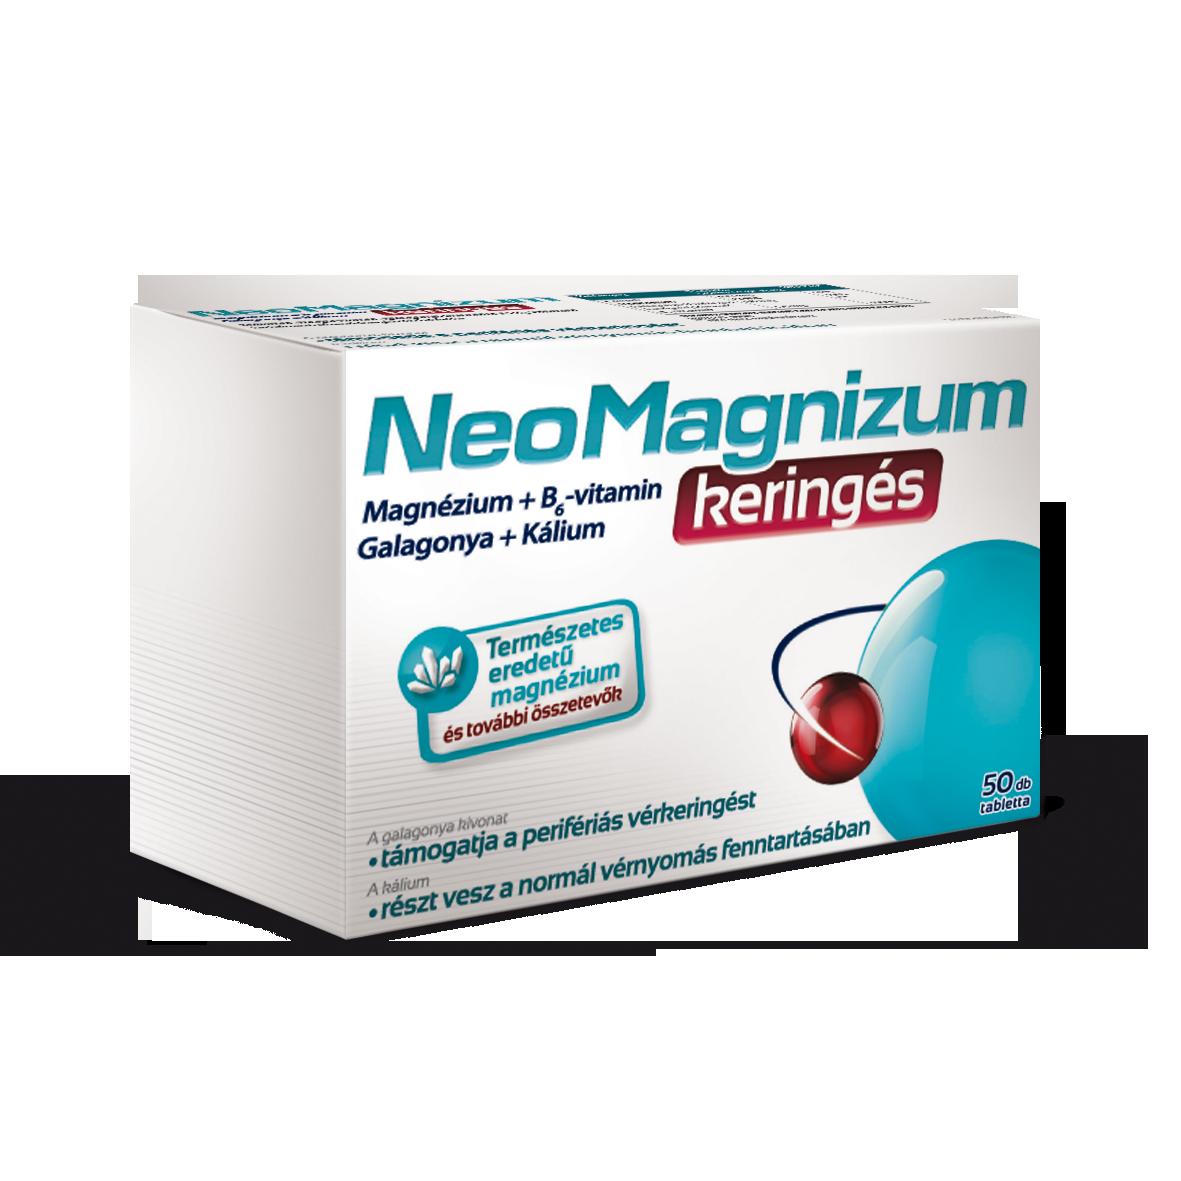 neomagnizum-keringes-magnezium-tabletta-50x